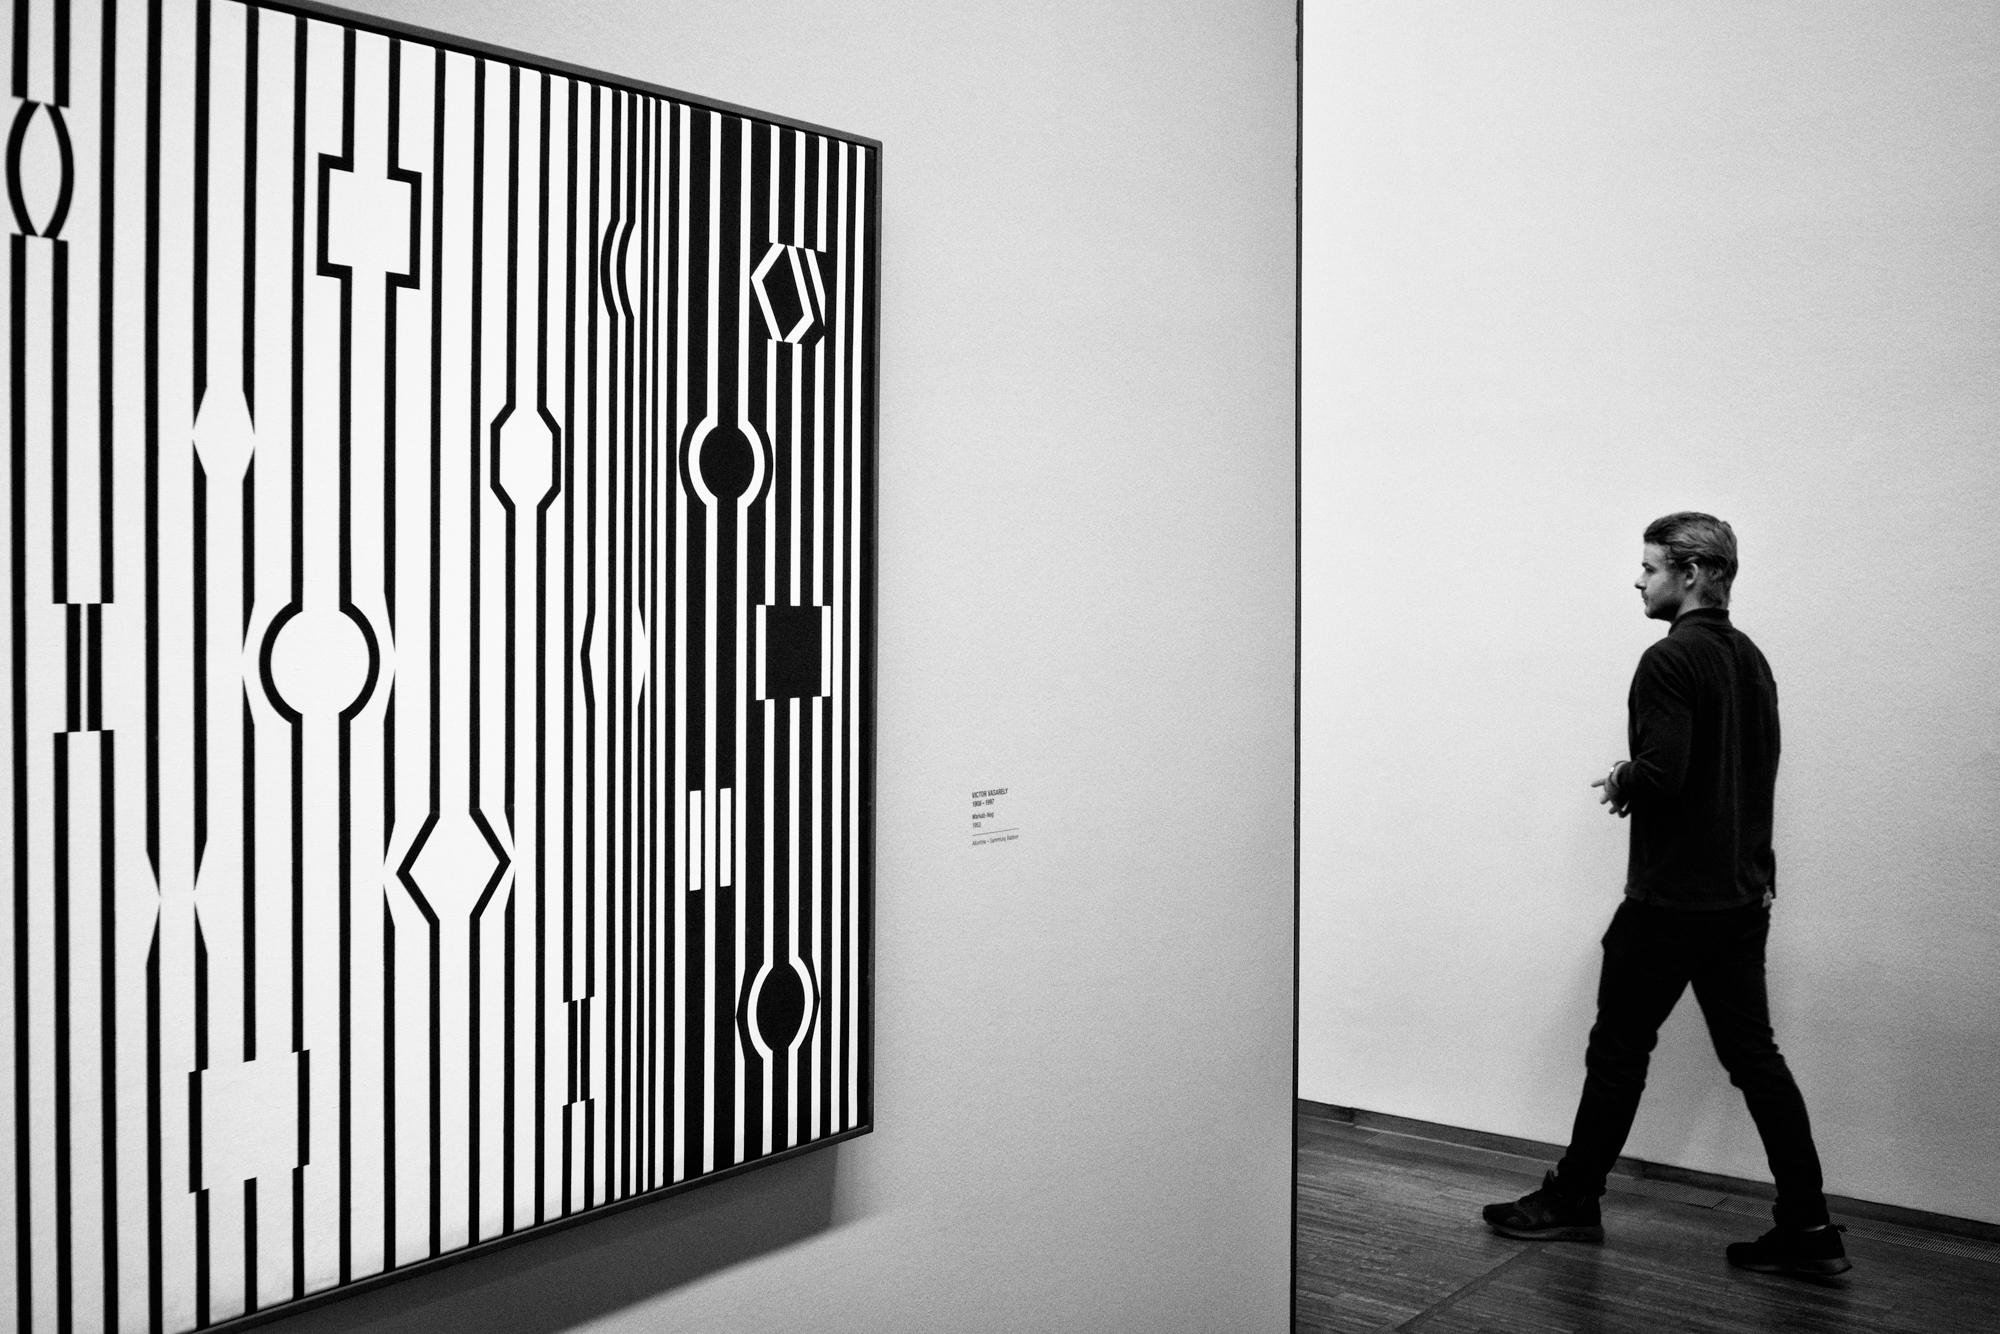 Hedendaags Gratis Afbeeldingen : zwart en wit, mensen, straat, muur MM-19